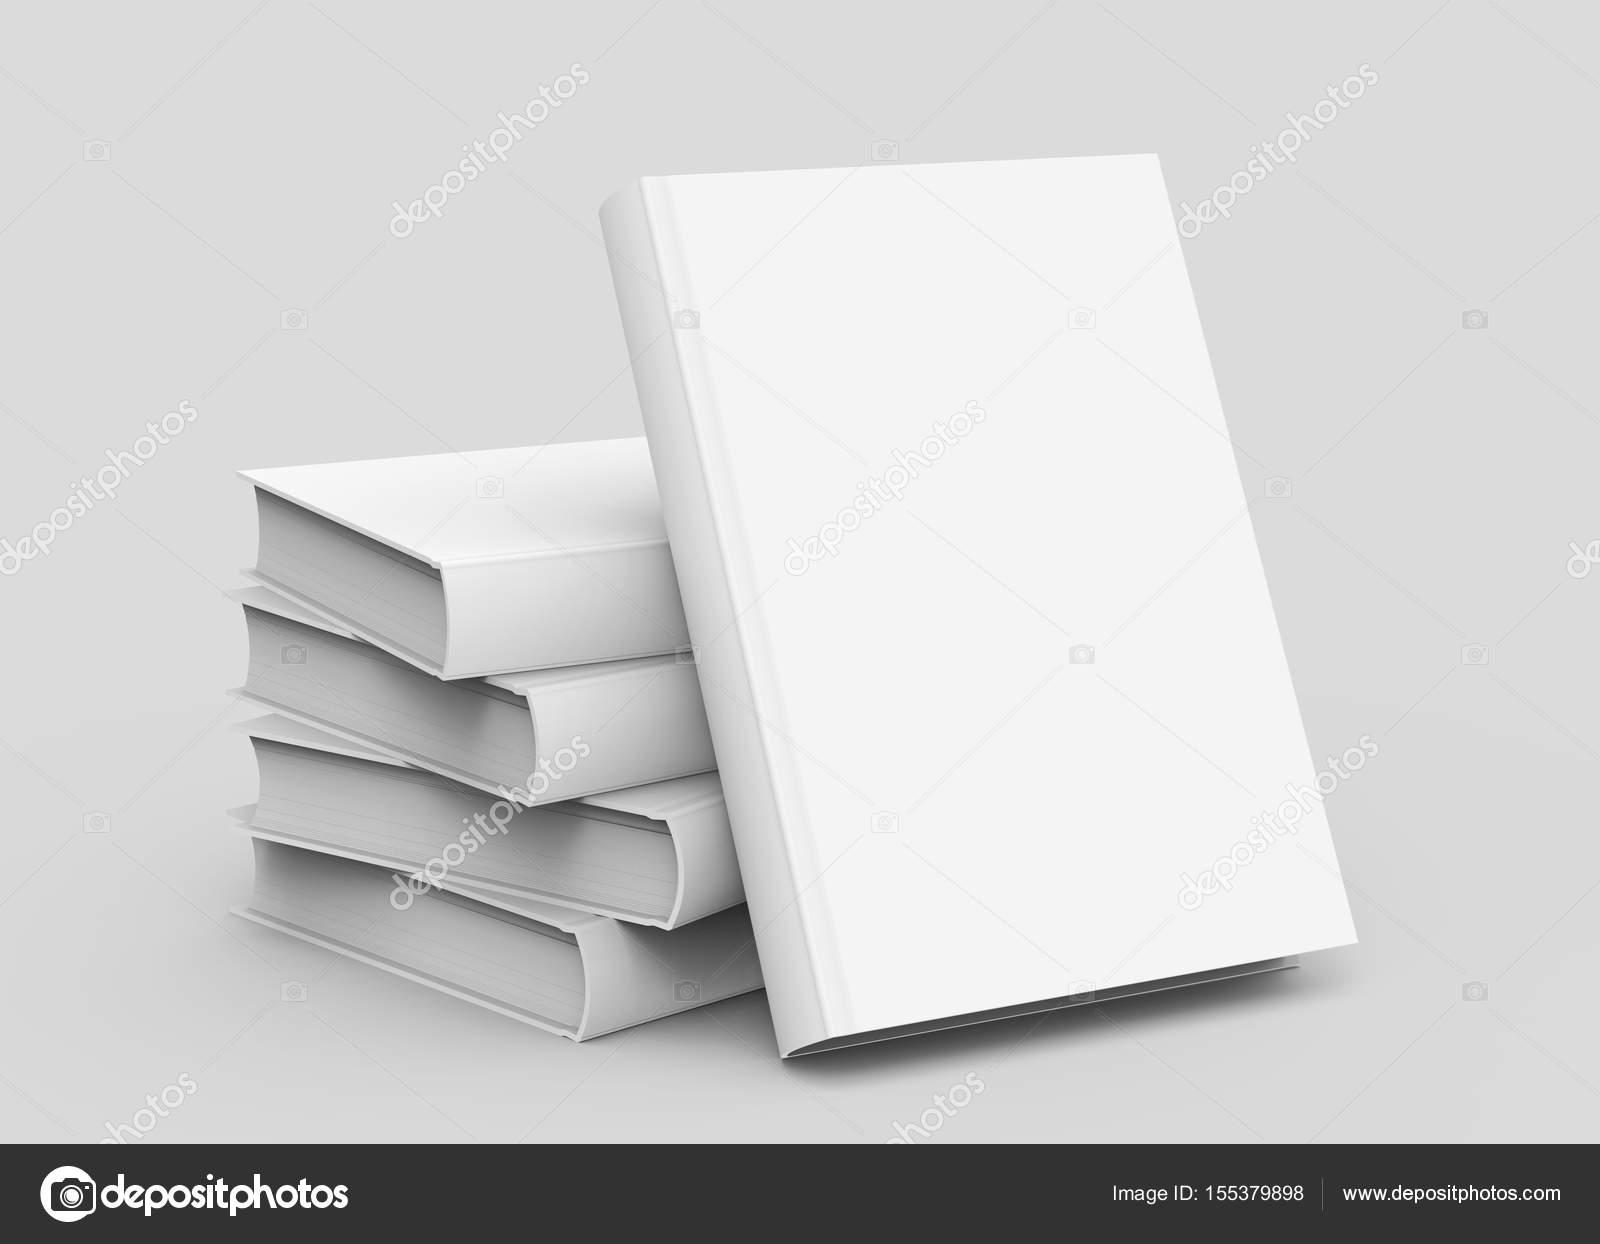 Modele De Livre Blanc Couverture Rigide Photographie